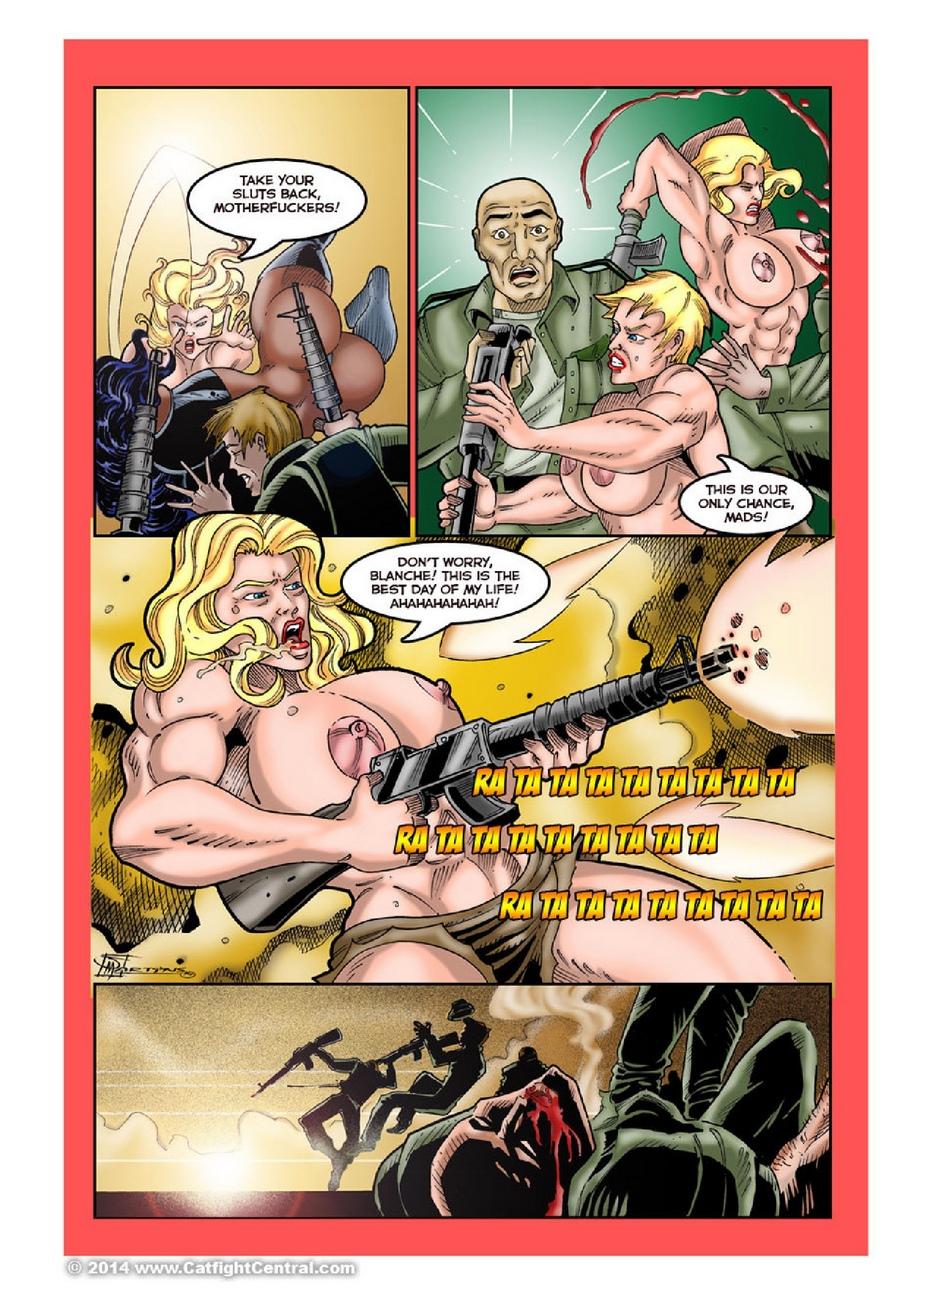 Prison-Bitches-17 3 free sex comic